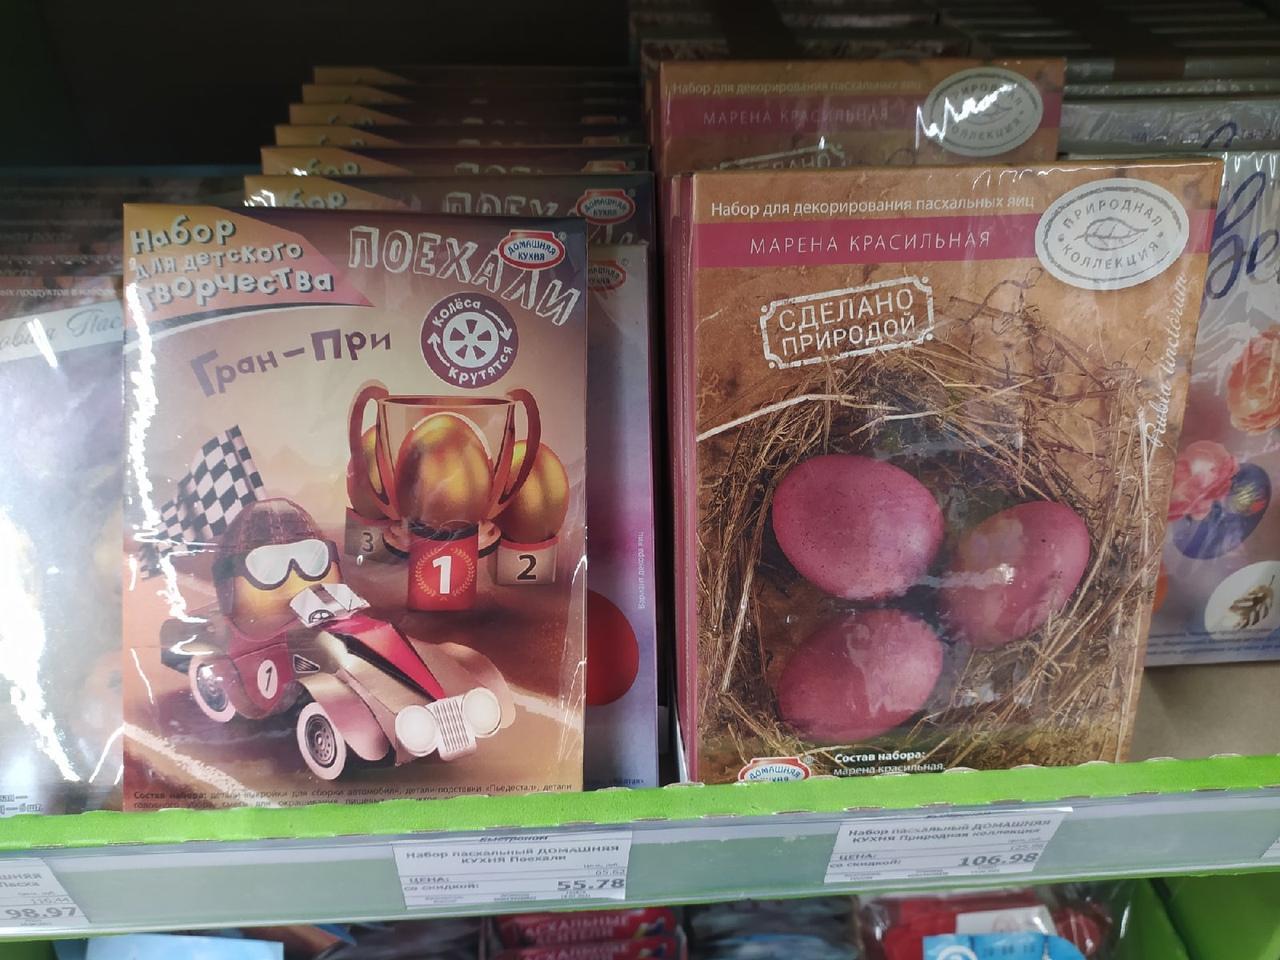 фото Куличи и красители для яиц к Пасхе: обзор цен на праздничные товары в Новосибирске 17